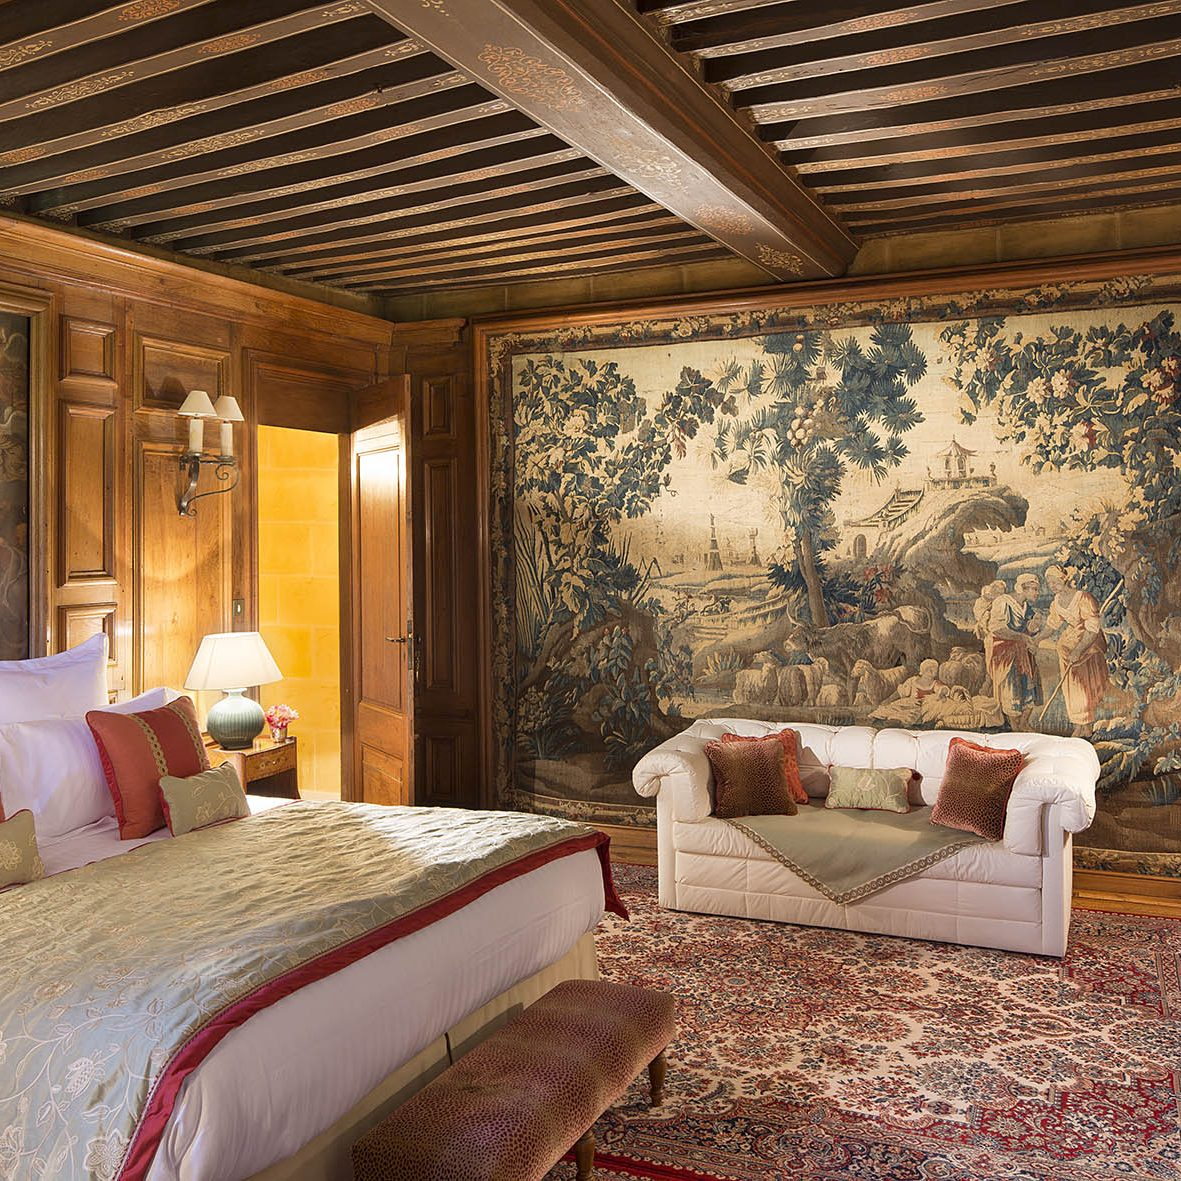 La suite Salomon du château offre un superbe cadre pour un séjour en amoureux en Normandie